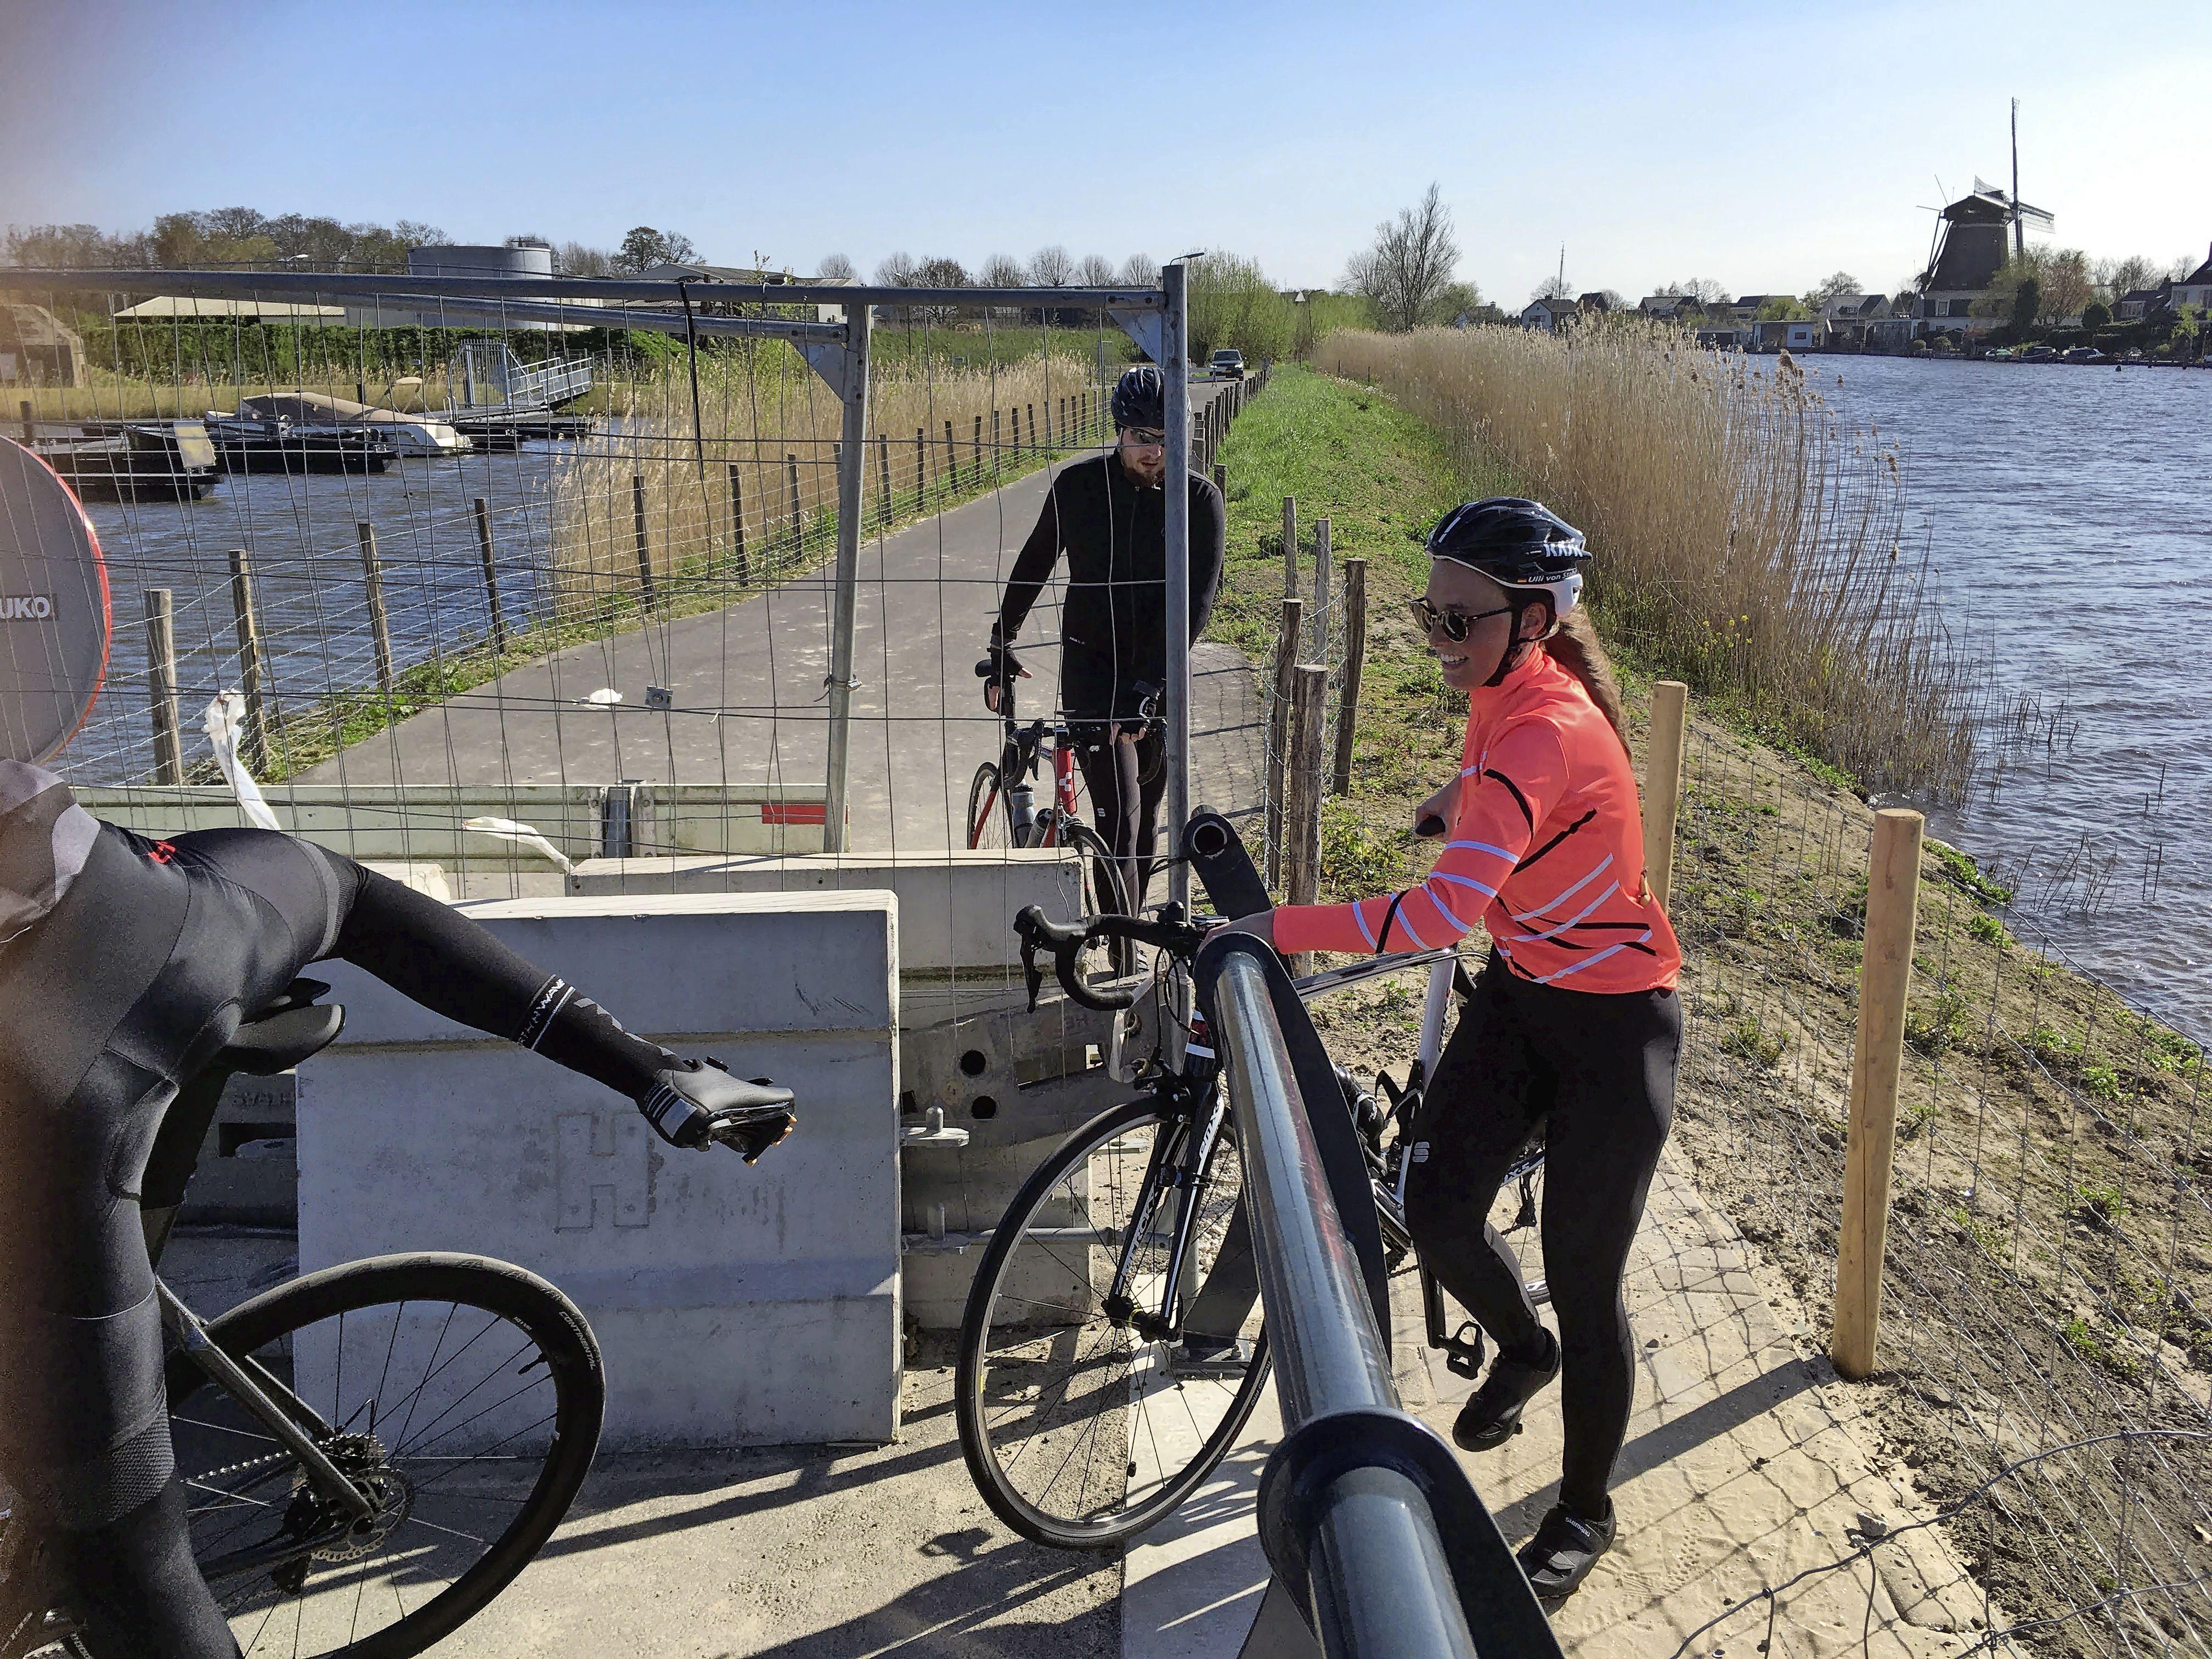 '83-jarige moeder' zorgt voor opening van de veelbesproken brug aan de Bergseweg in Vreeland. Maar de vraag is voor hoelang